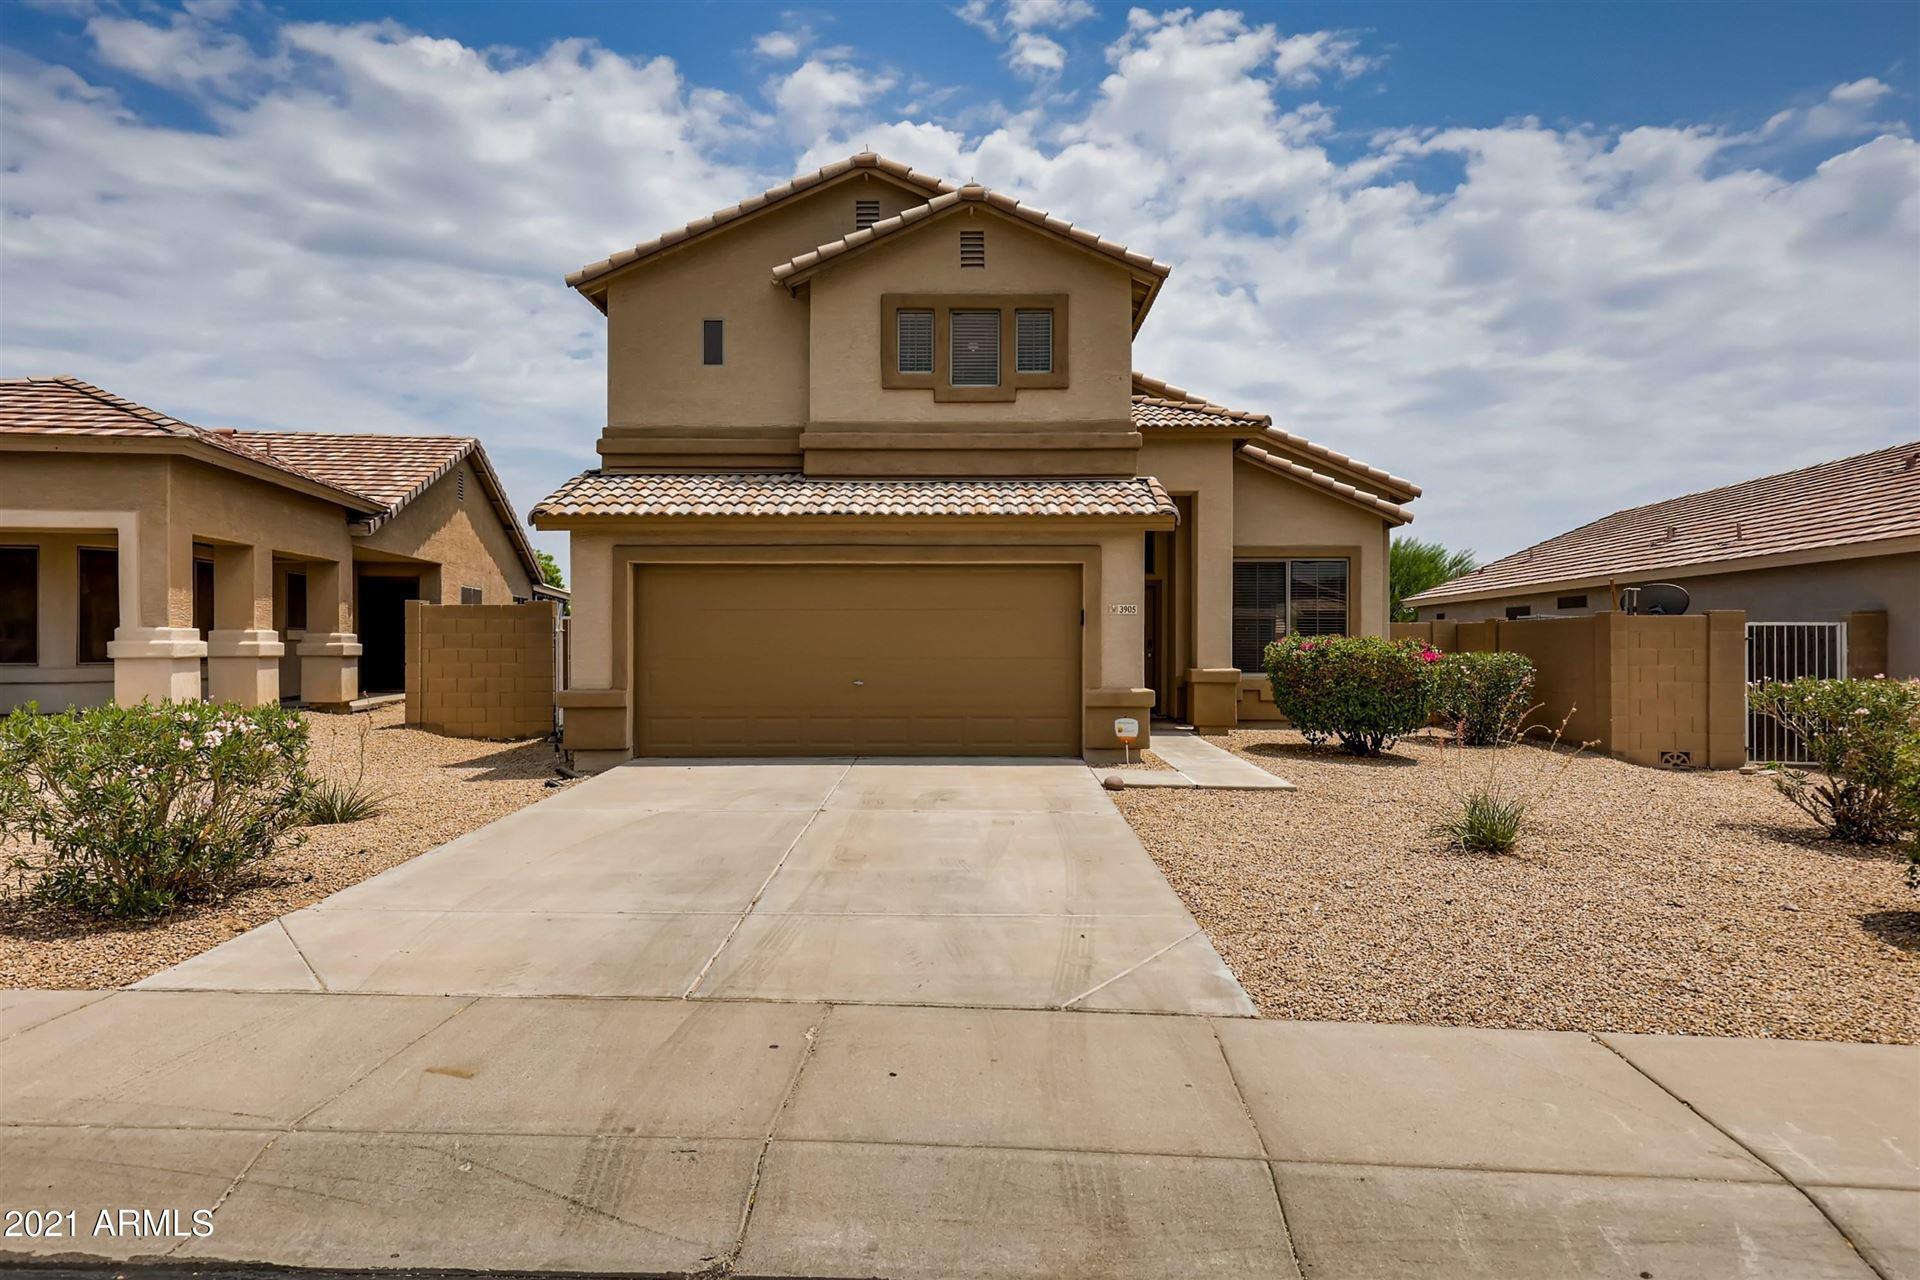 Photo of 3905 N 125TH Lane, Avondale, AZ 85392 (MLS # 6268515)